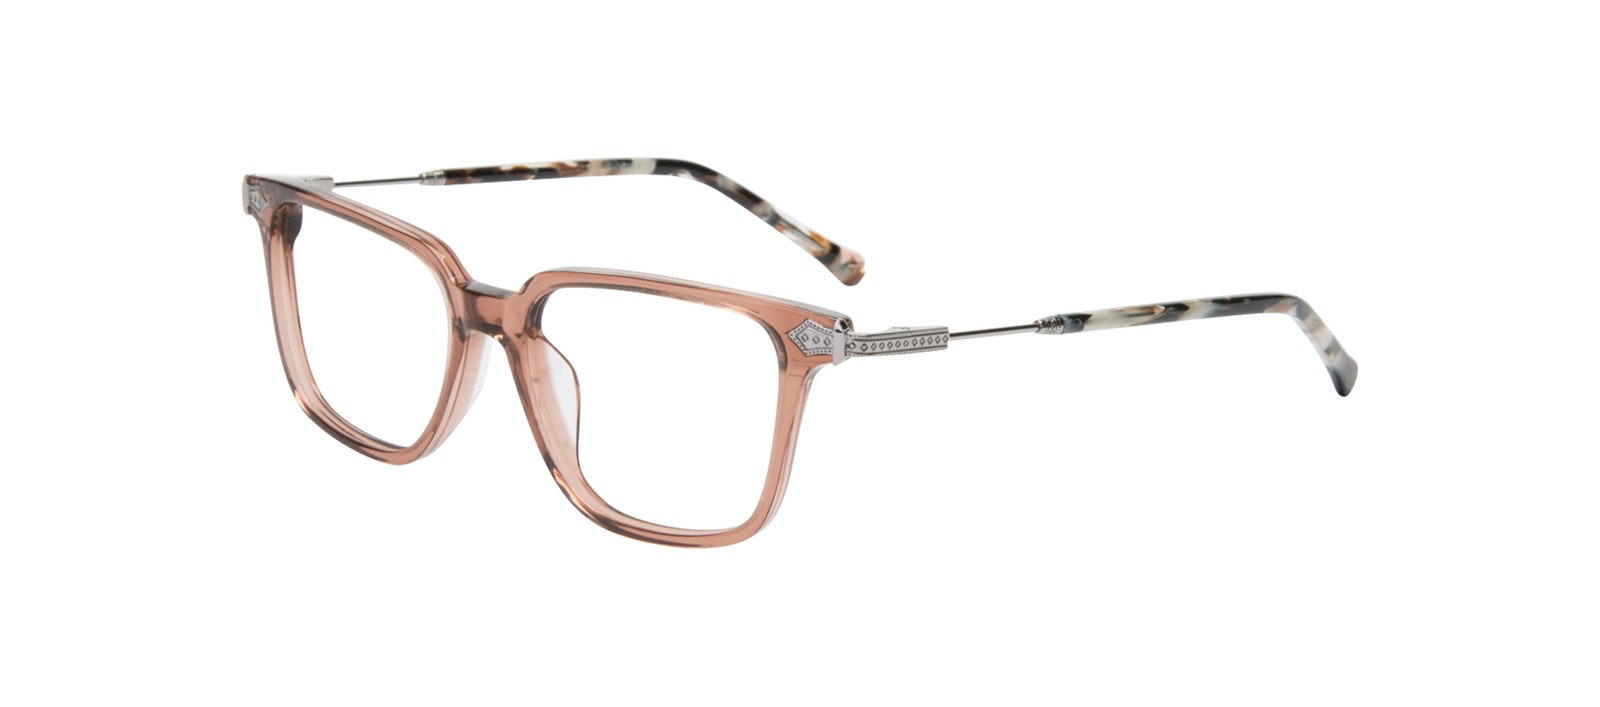 Lunettes tendance Carrée Lunettes de vue Femmes Twinkle Truffle Rose Incliné